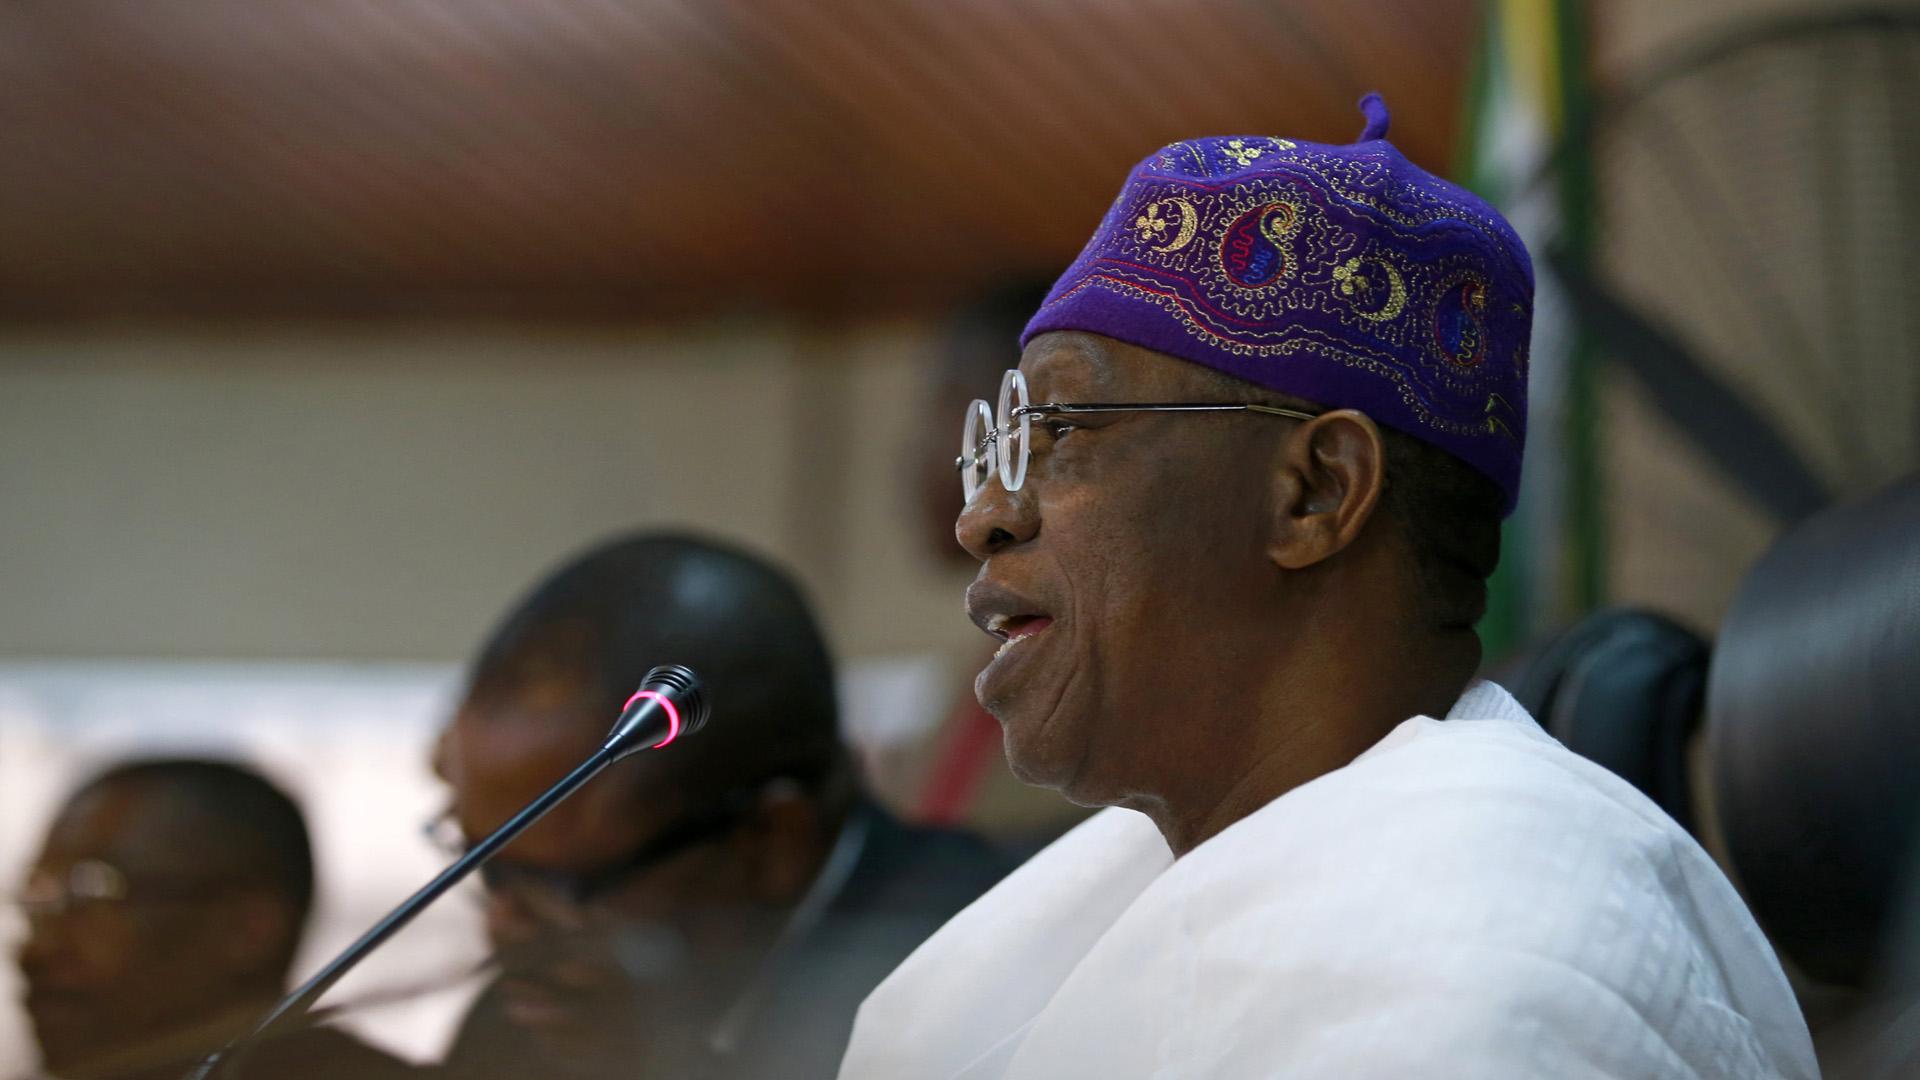 Según informó el ministro de Información, Alhaji Lai Mohammed, el grupo terrorista Boko Haram estaría planeando nuevos secuestros masivos